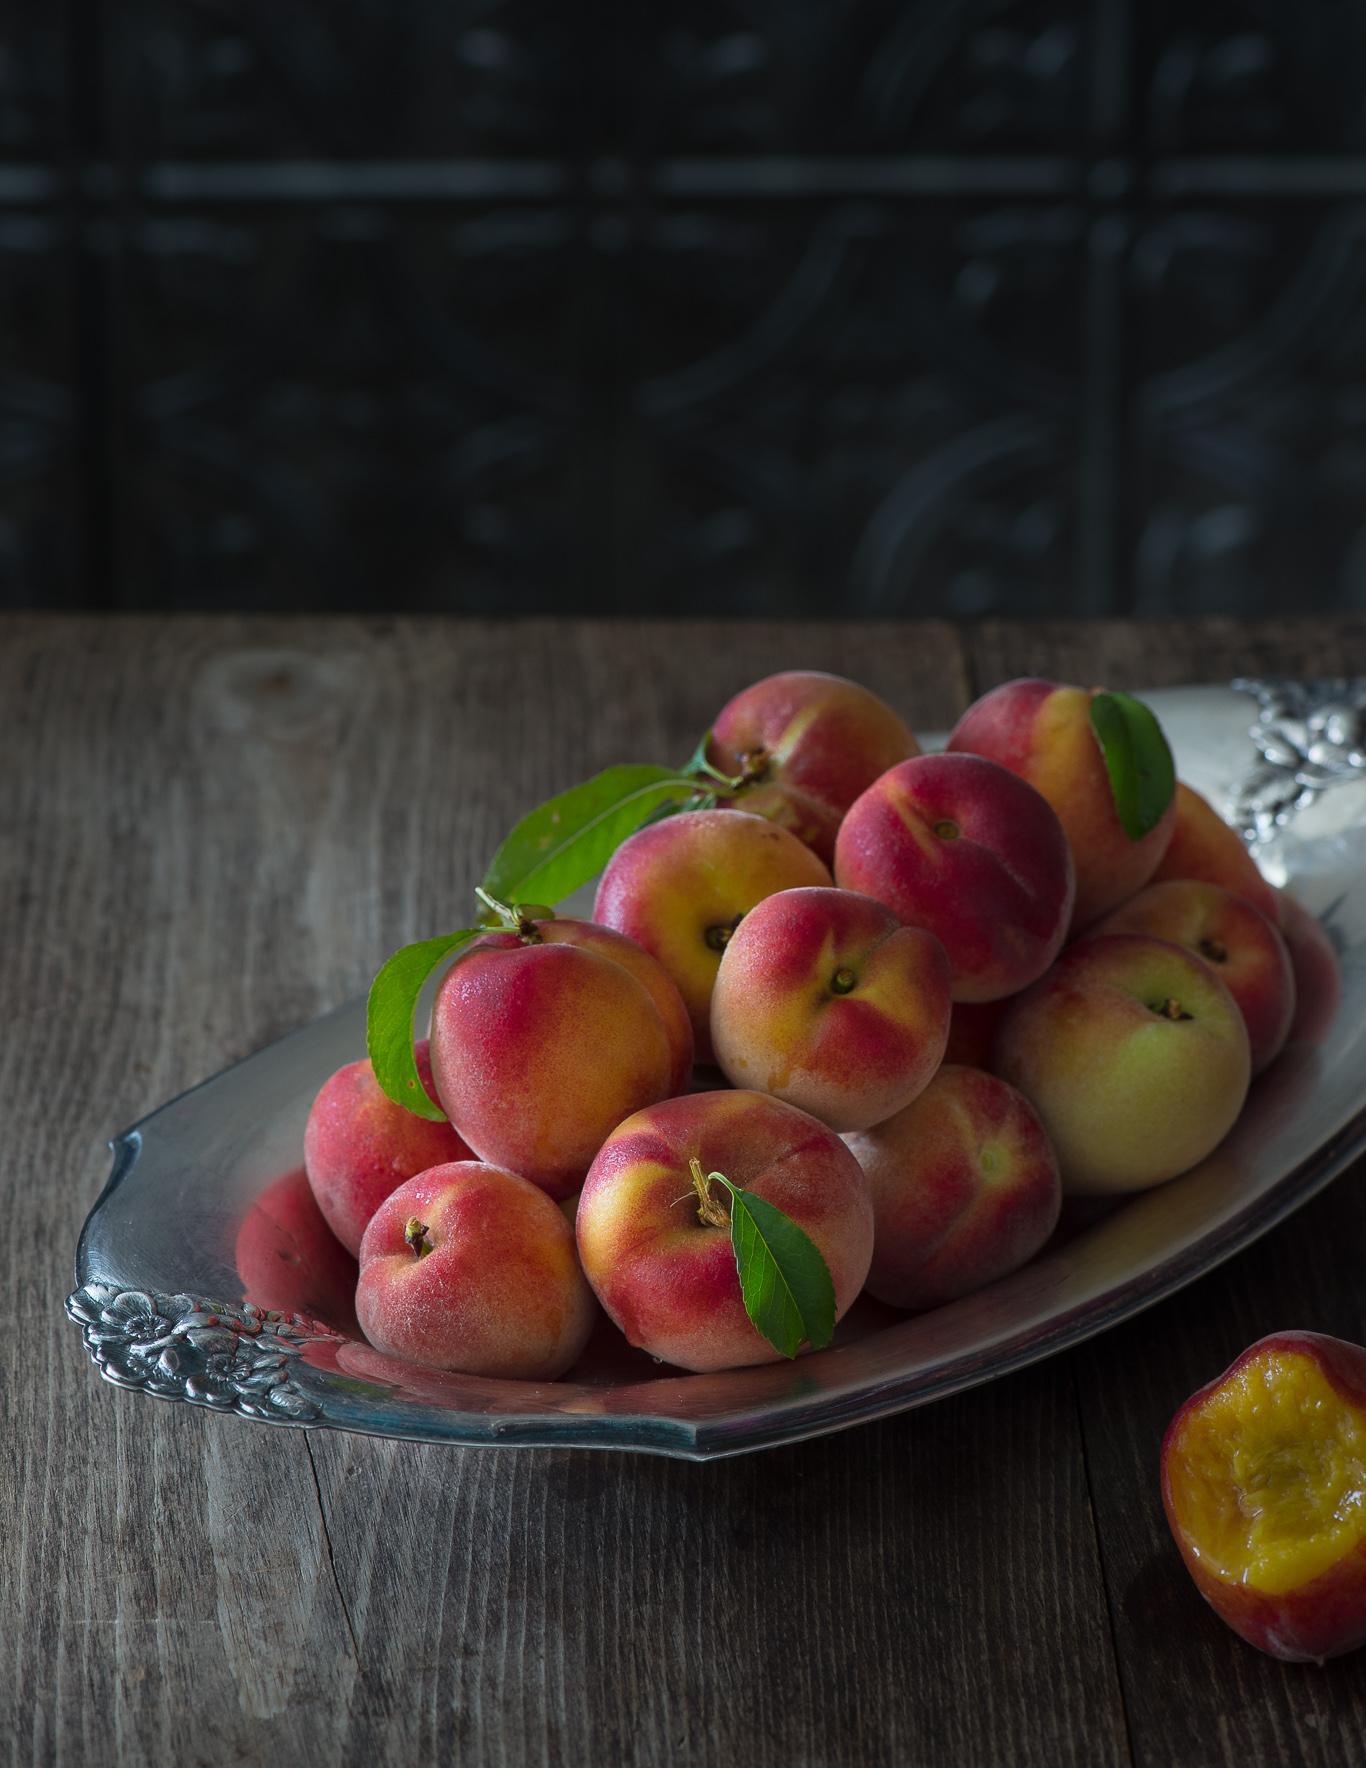 Peaches-032-137.jpg